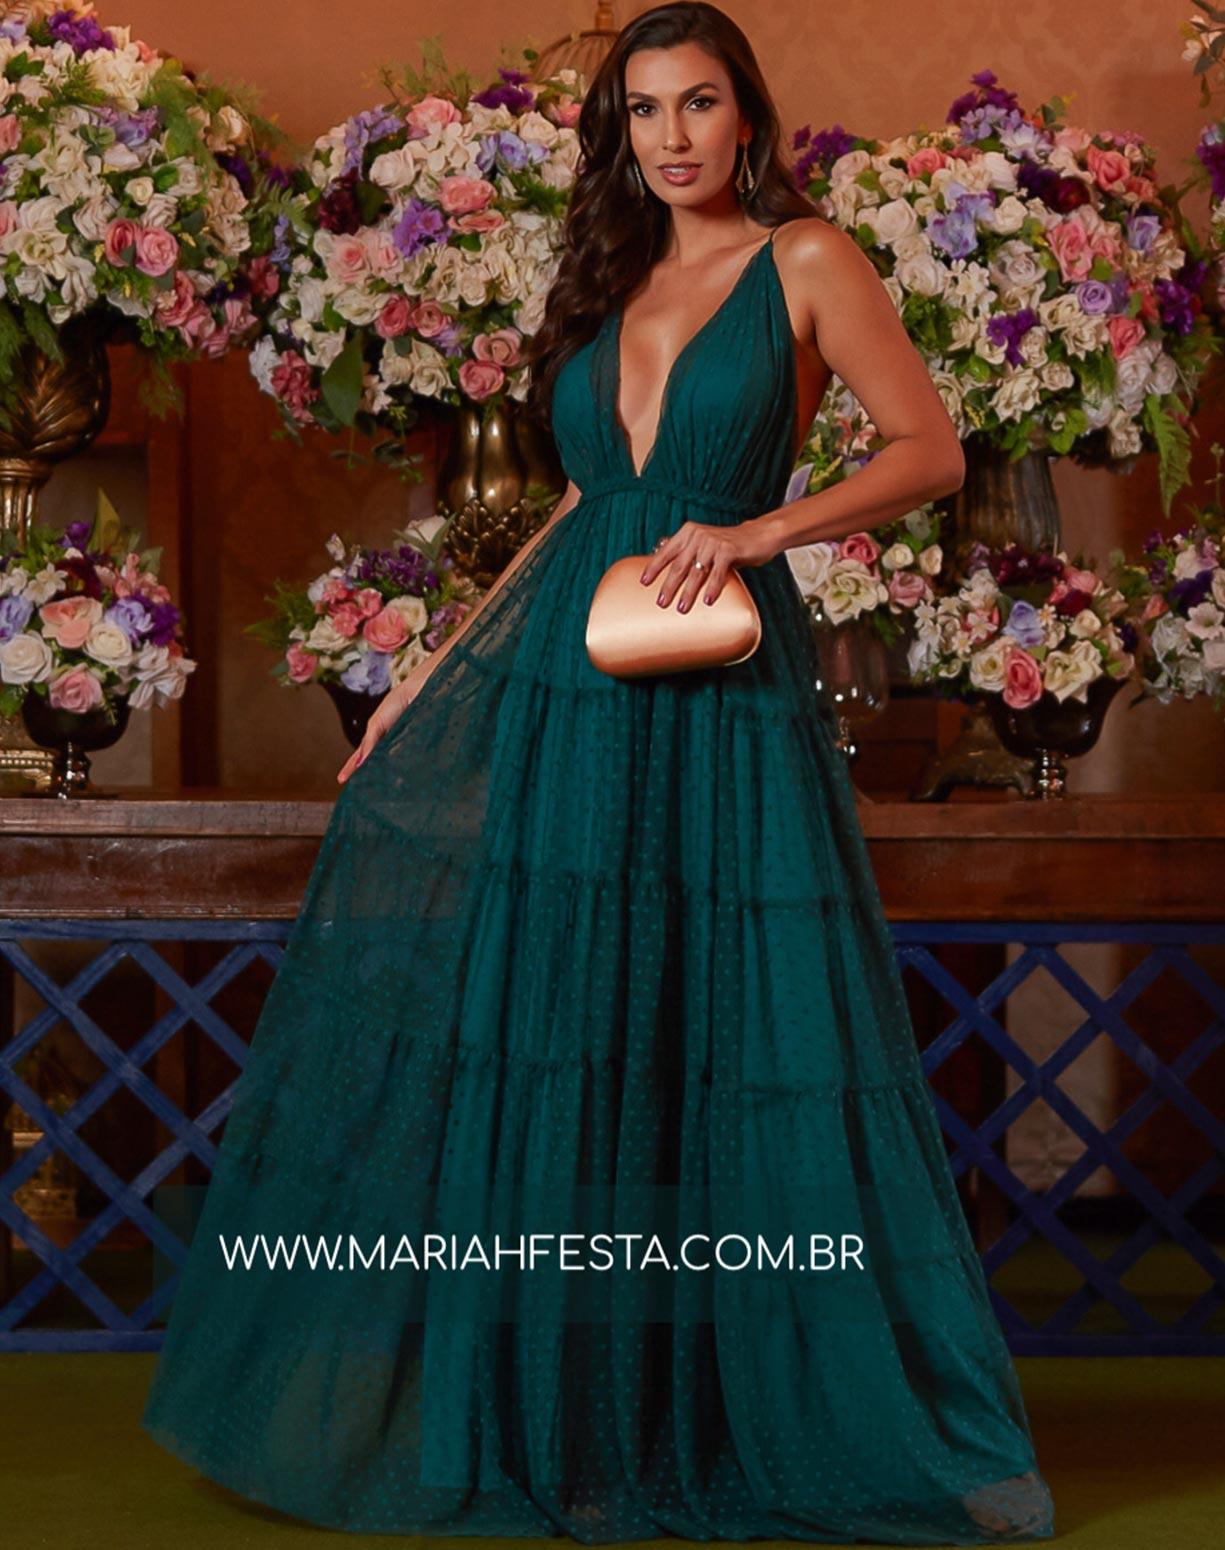 Vestido Verde Esmeralda em Tule Texturizado com Saia em Camadas e Decote nas Costas